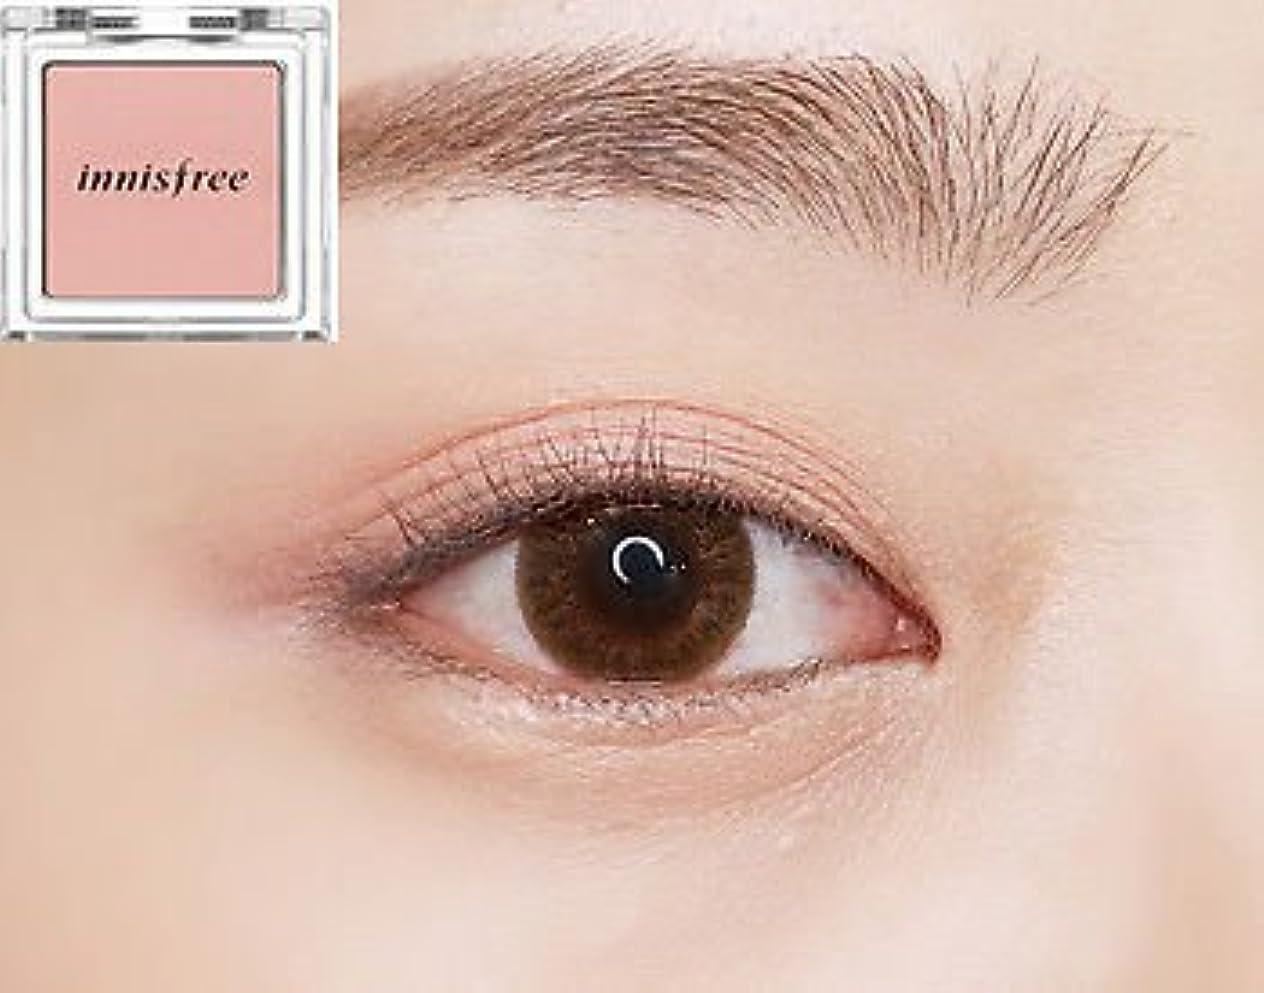 メカニック寺院論理[イニスフリー] innisfree [マイ パレット マイ アイシャドウ (シマ一) 39カラー] MY PALETTE My Eyeshadow (Shimmer) 39 Shades [海外直送品] (シマ一 #03)